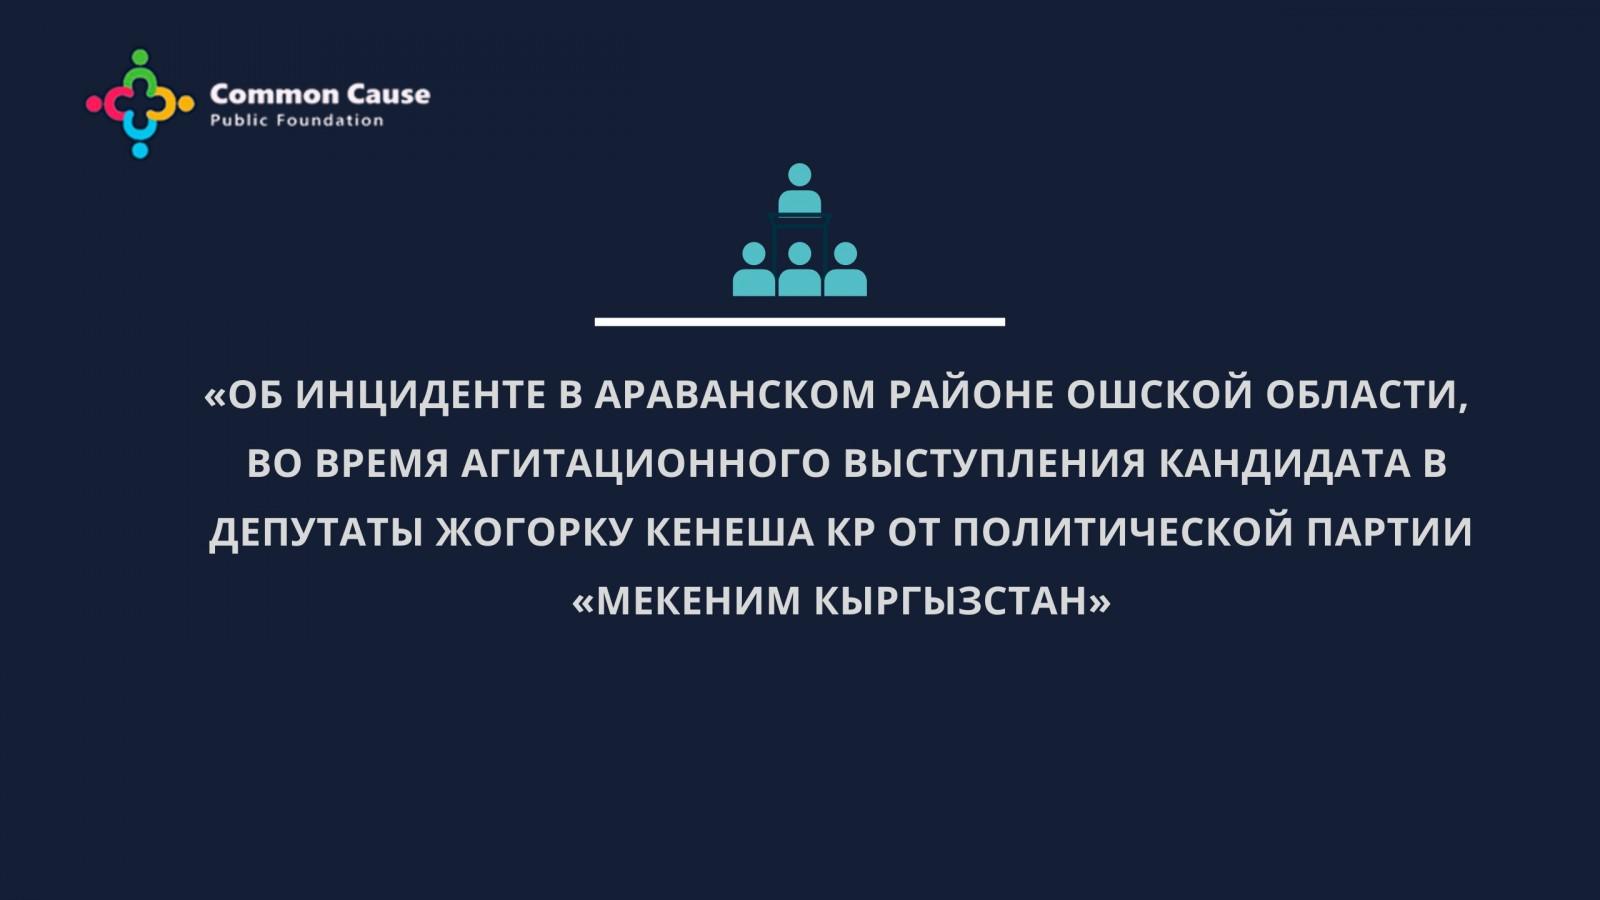 Об инциденте в Араванском районе Ошской области